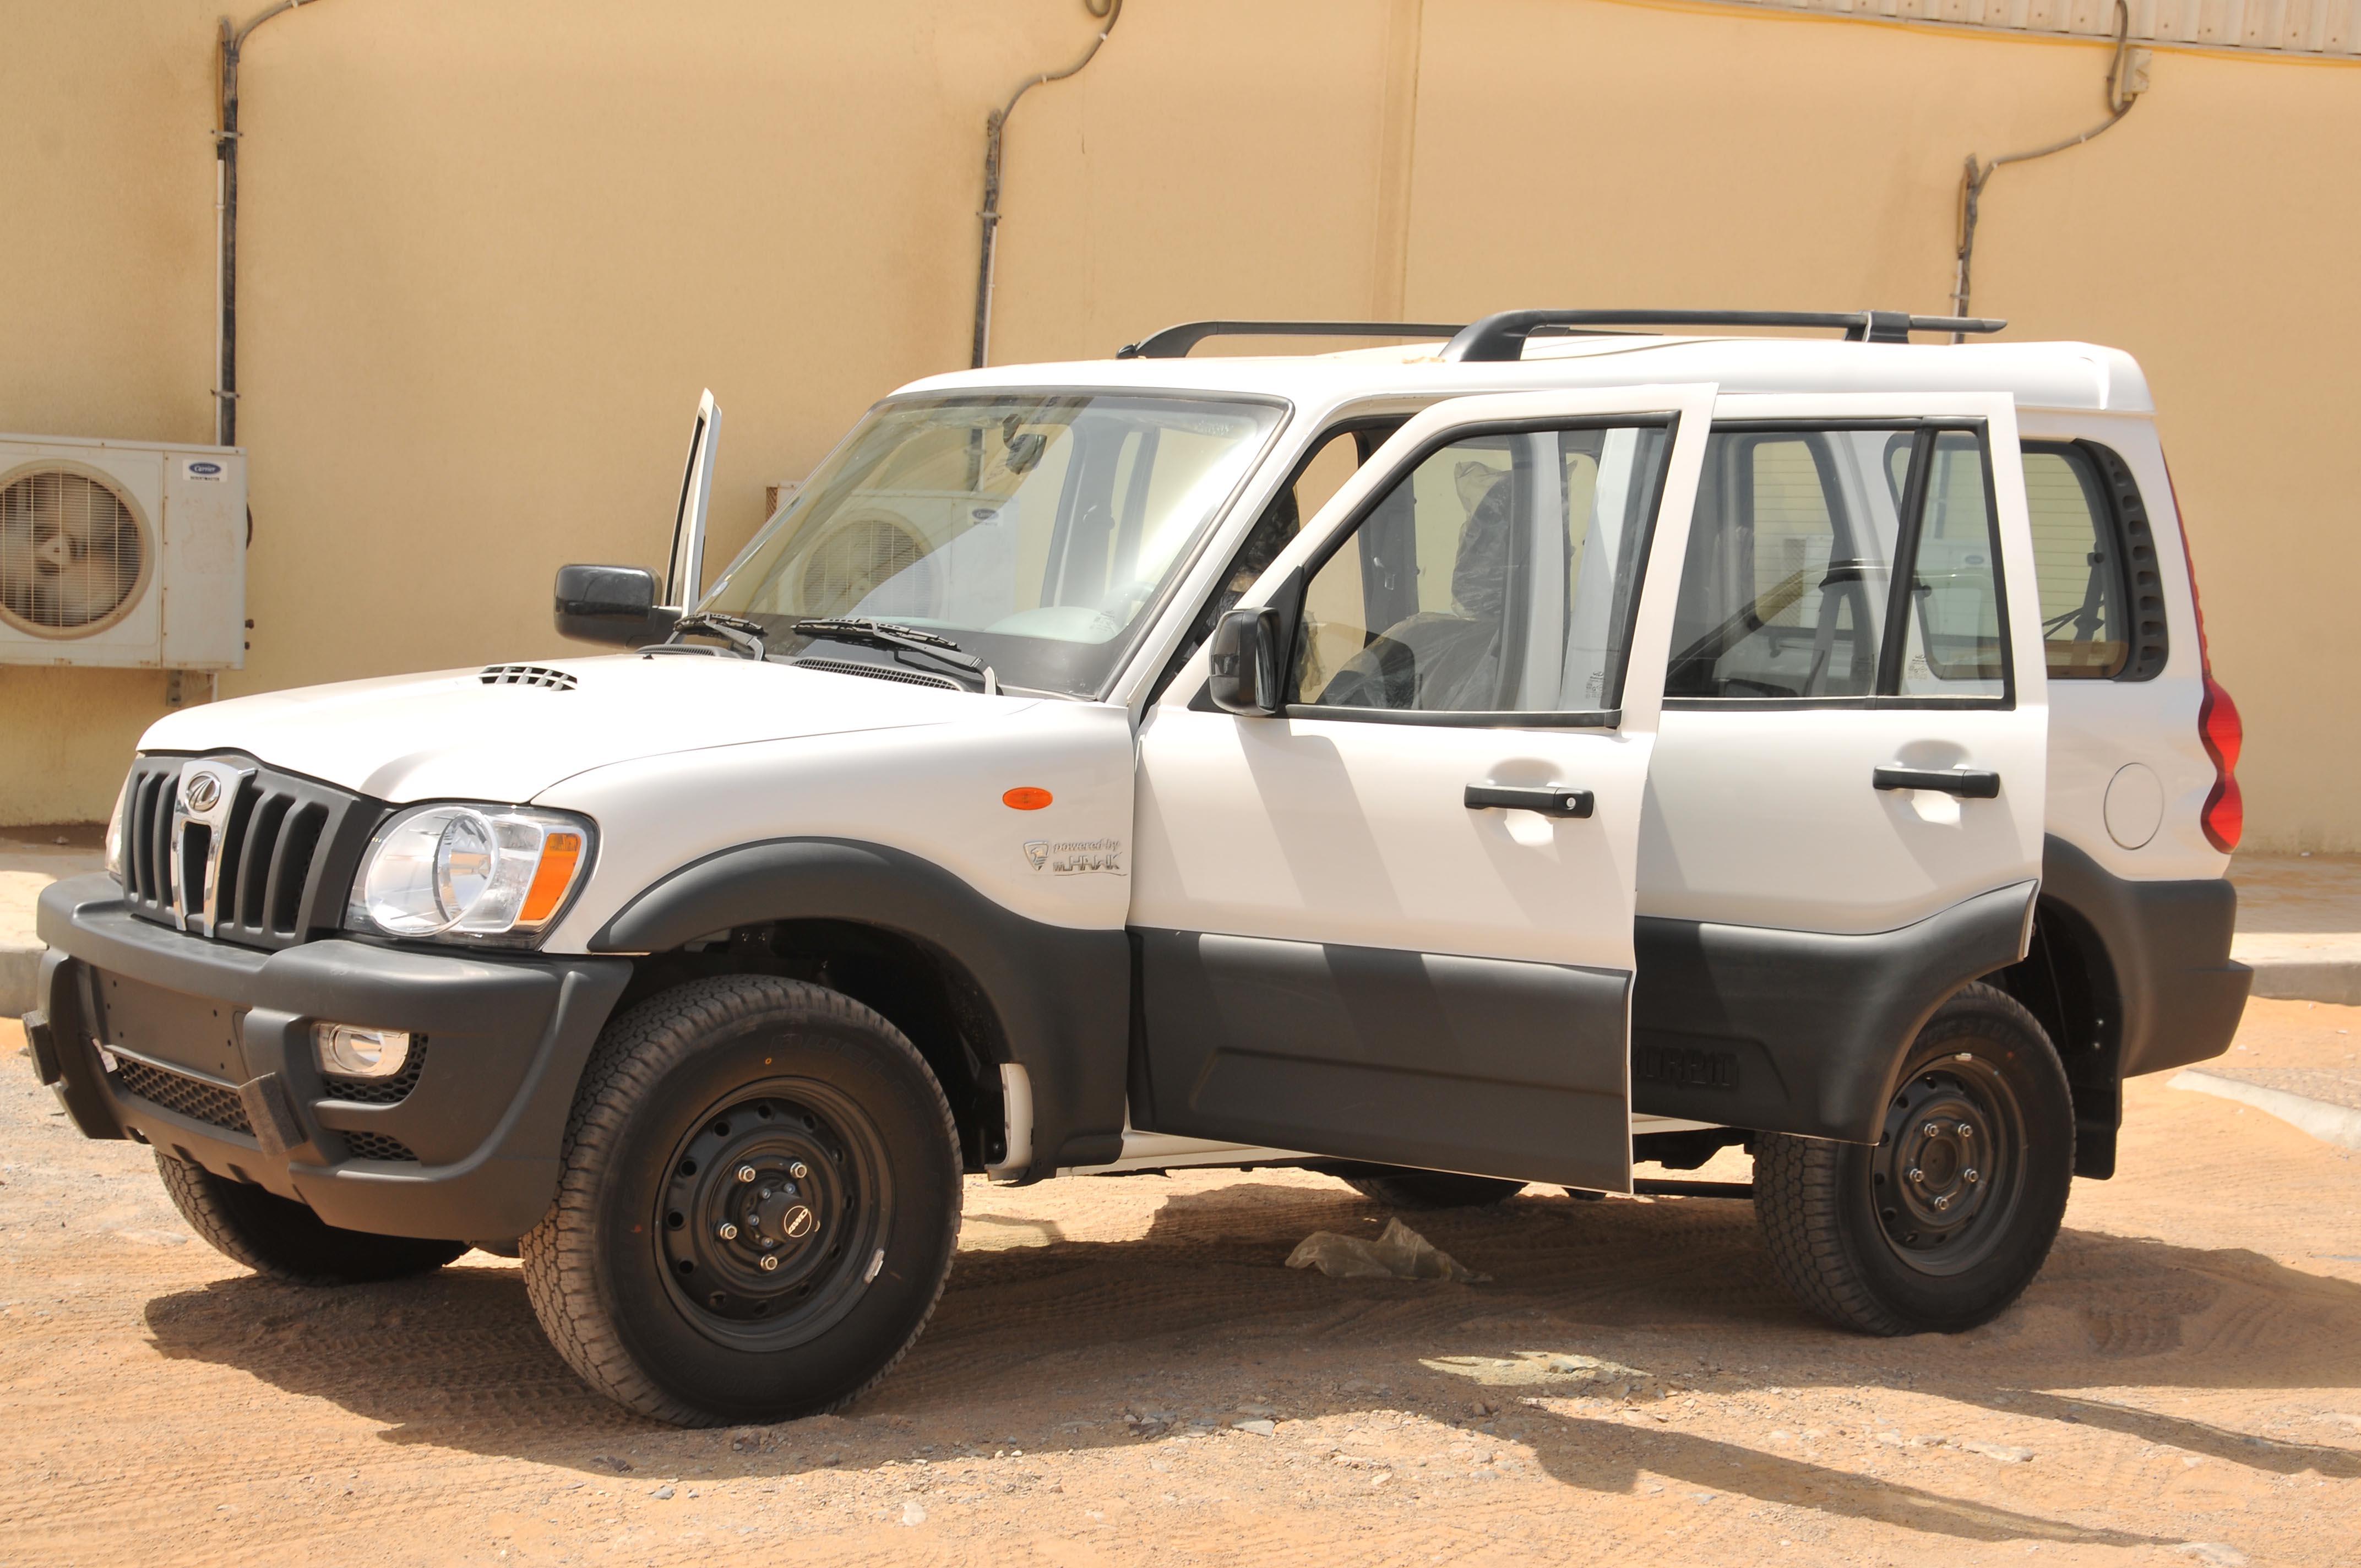 Mahindra Scorpio From Mahindra Emirates Vehicle Armouring